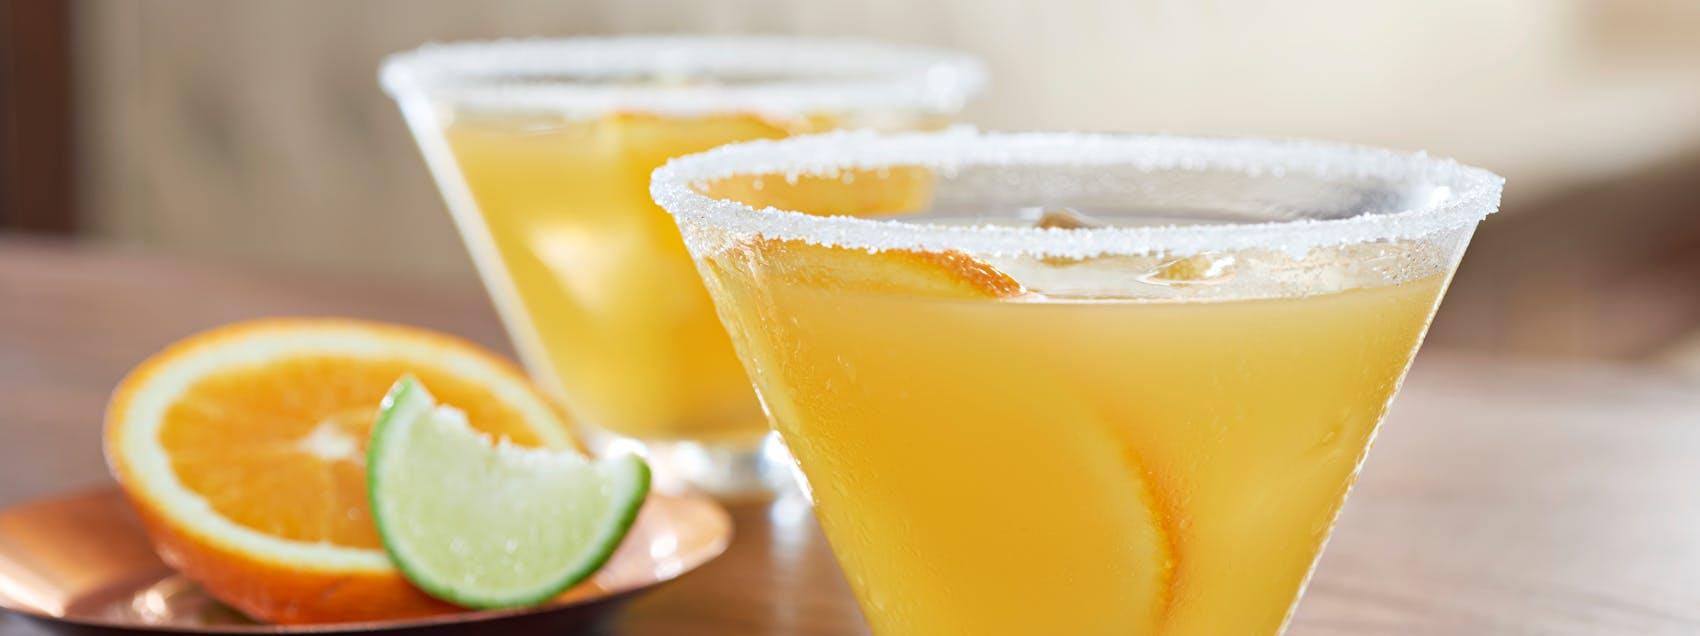 Sauza Citrus Margarita